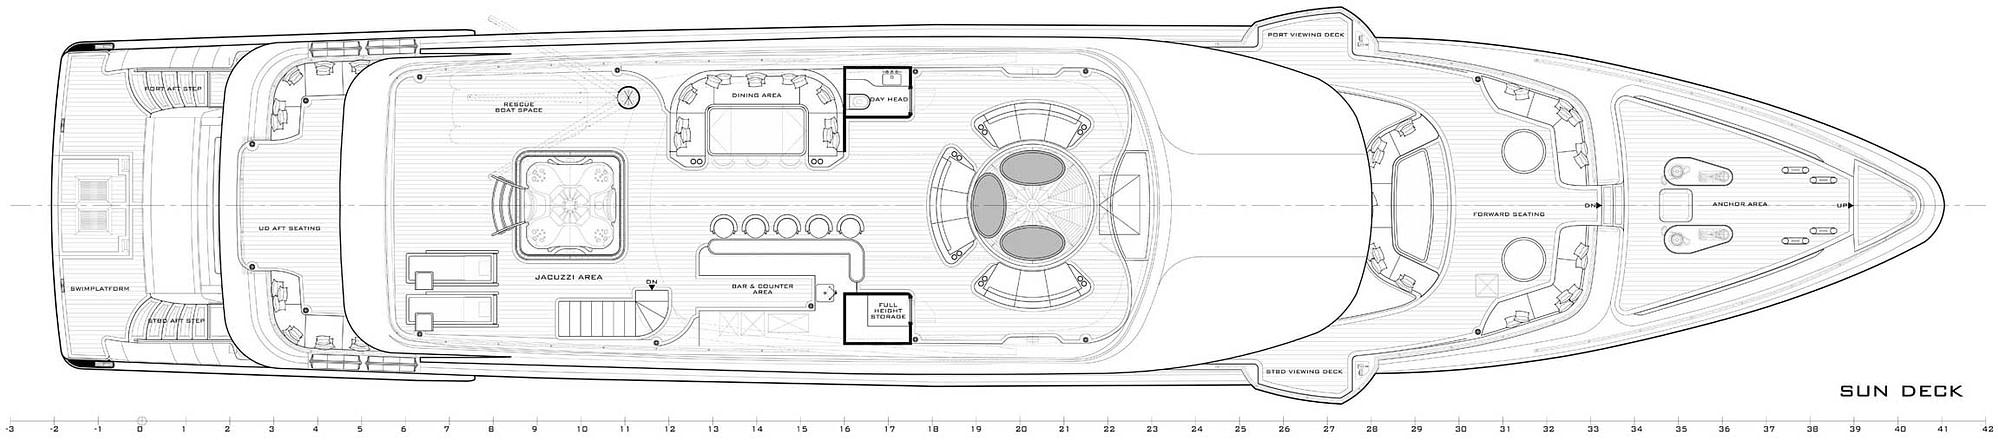 gulf craft majesty 140 layout sun deck